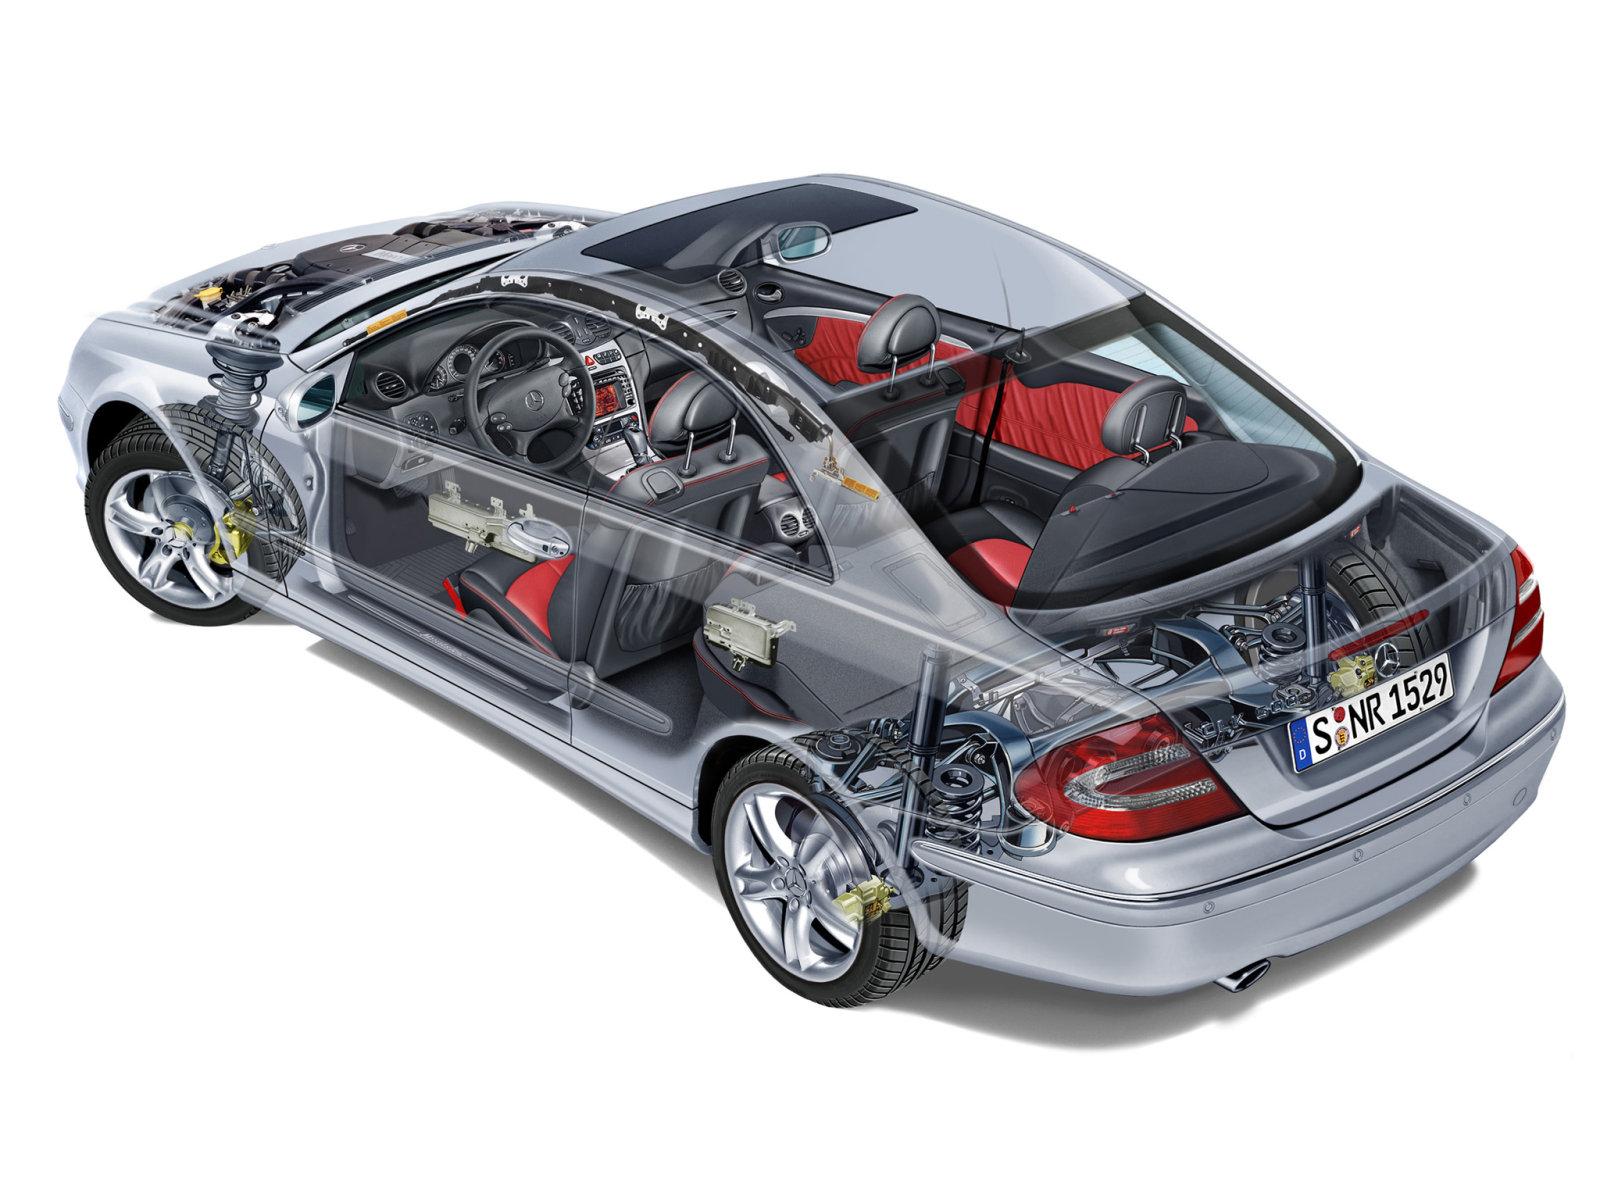 Автозапчасти на BMW Распродажа Е34, на Колесах - фото 3. Автозапчасти